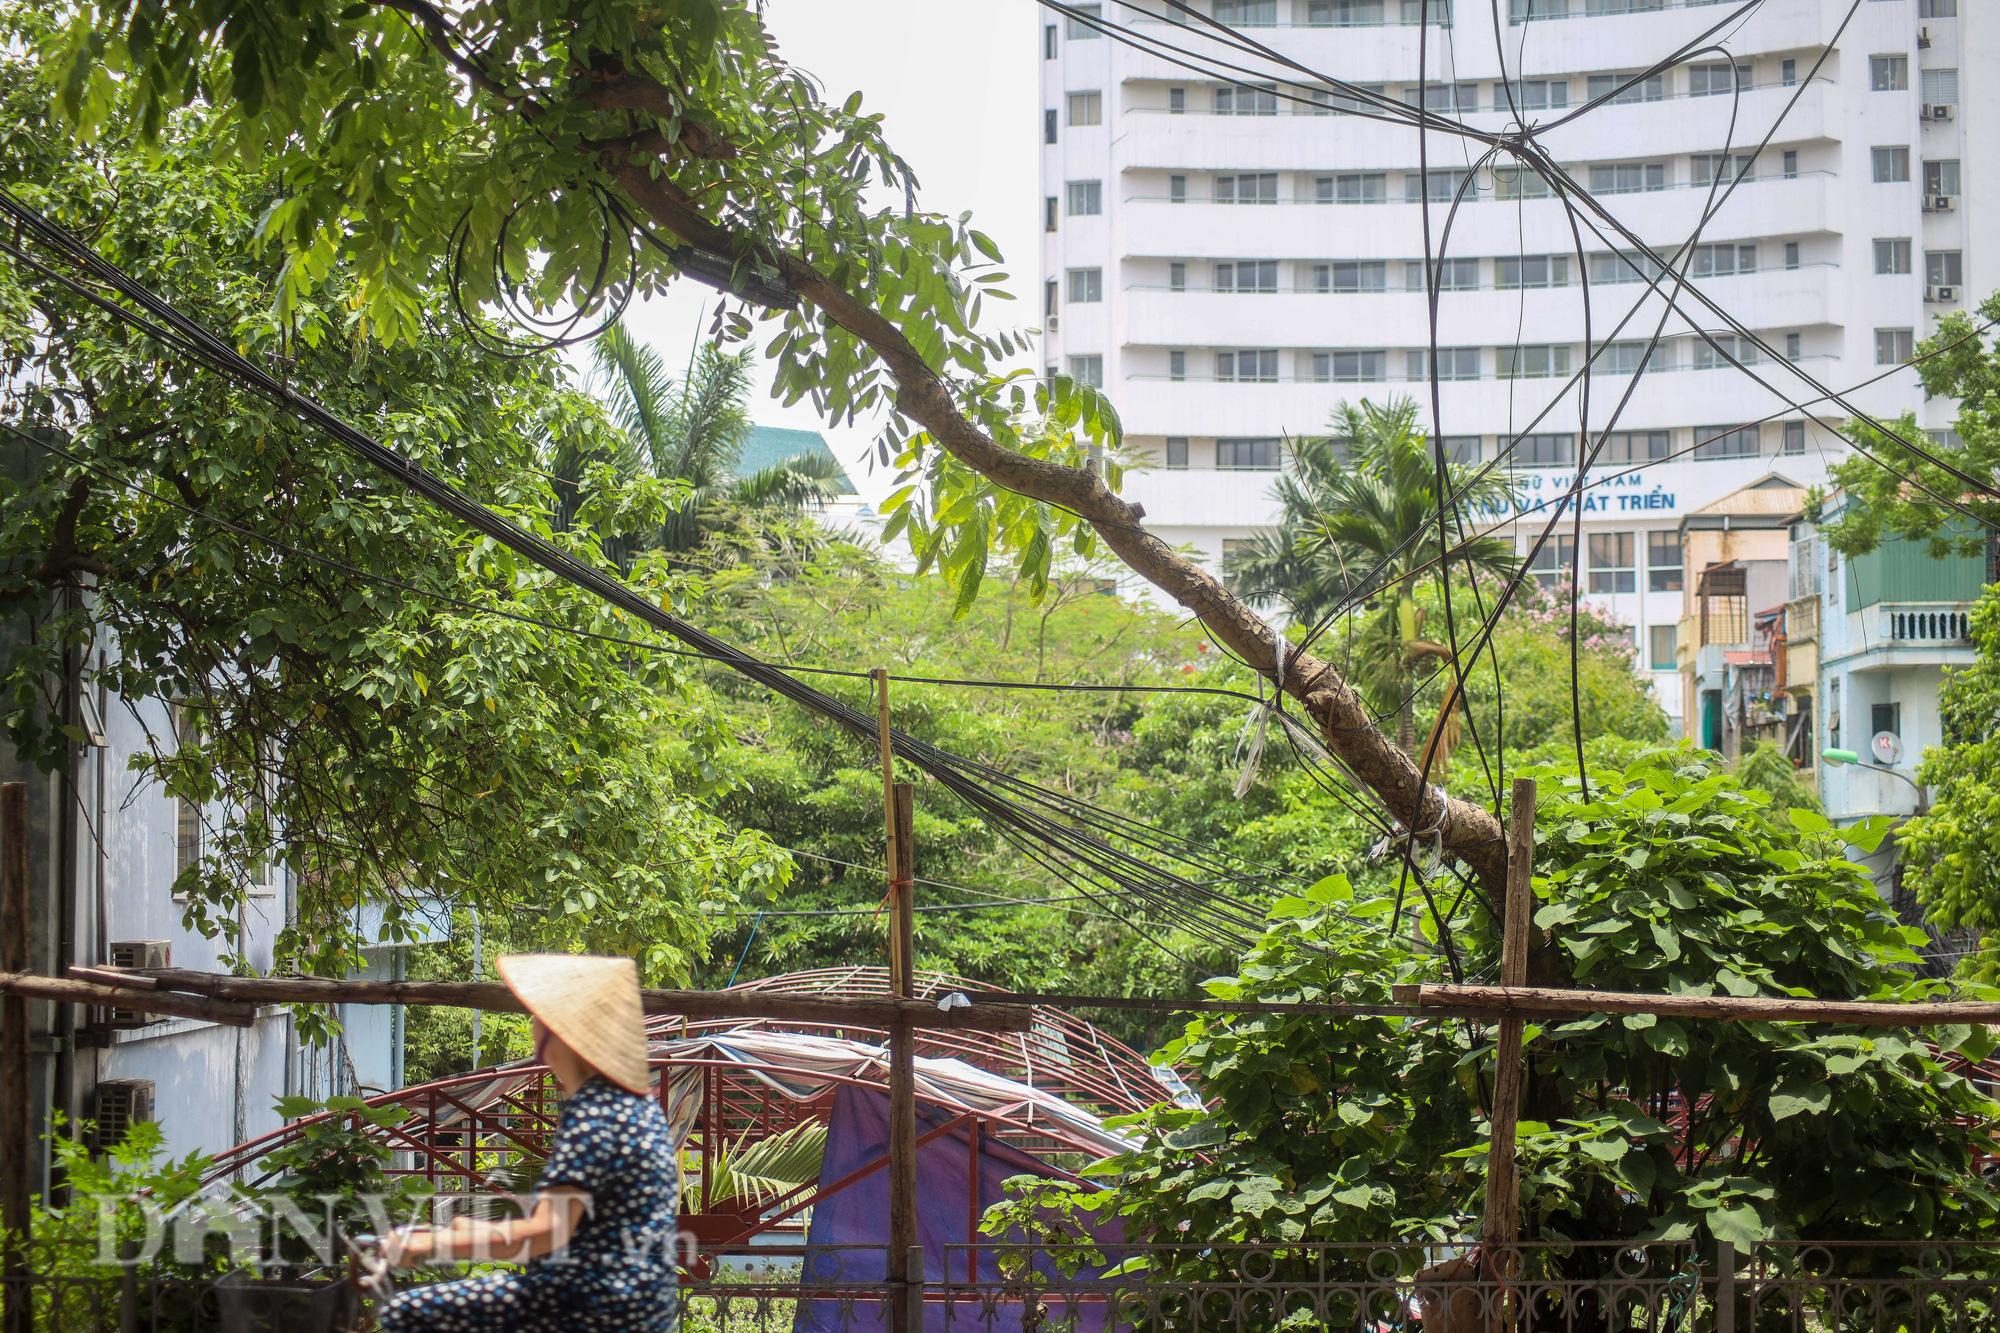 Ẩn hoạ đến từ những cây xanh chết khô trên đường phố Hà Nội - Ảnh 14.